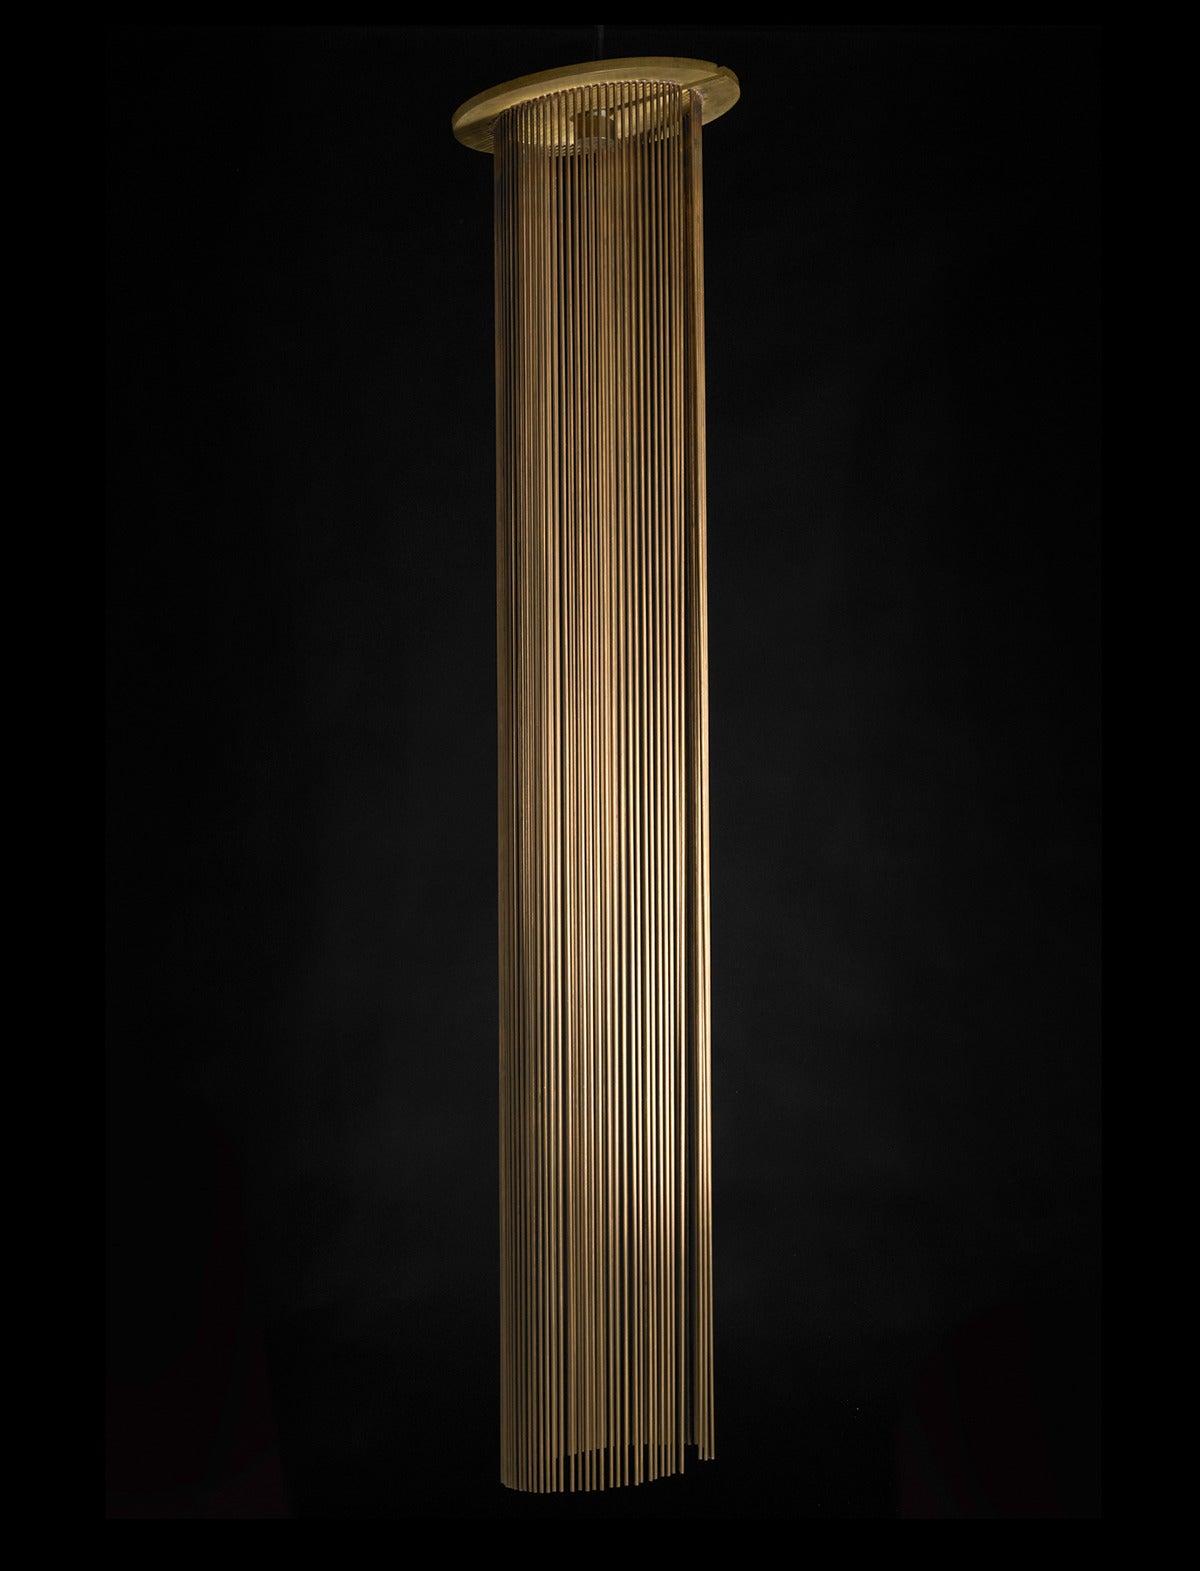 Rare Harry Bertoia Mobile Tonal Sculpture 2